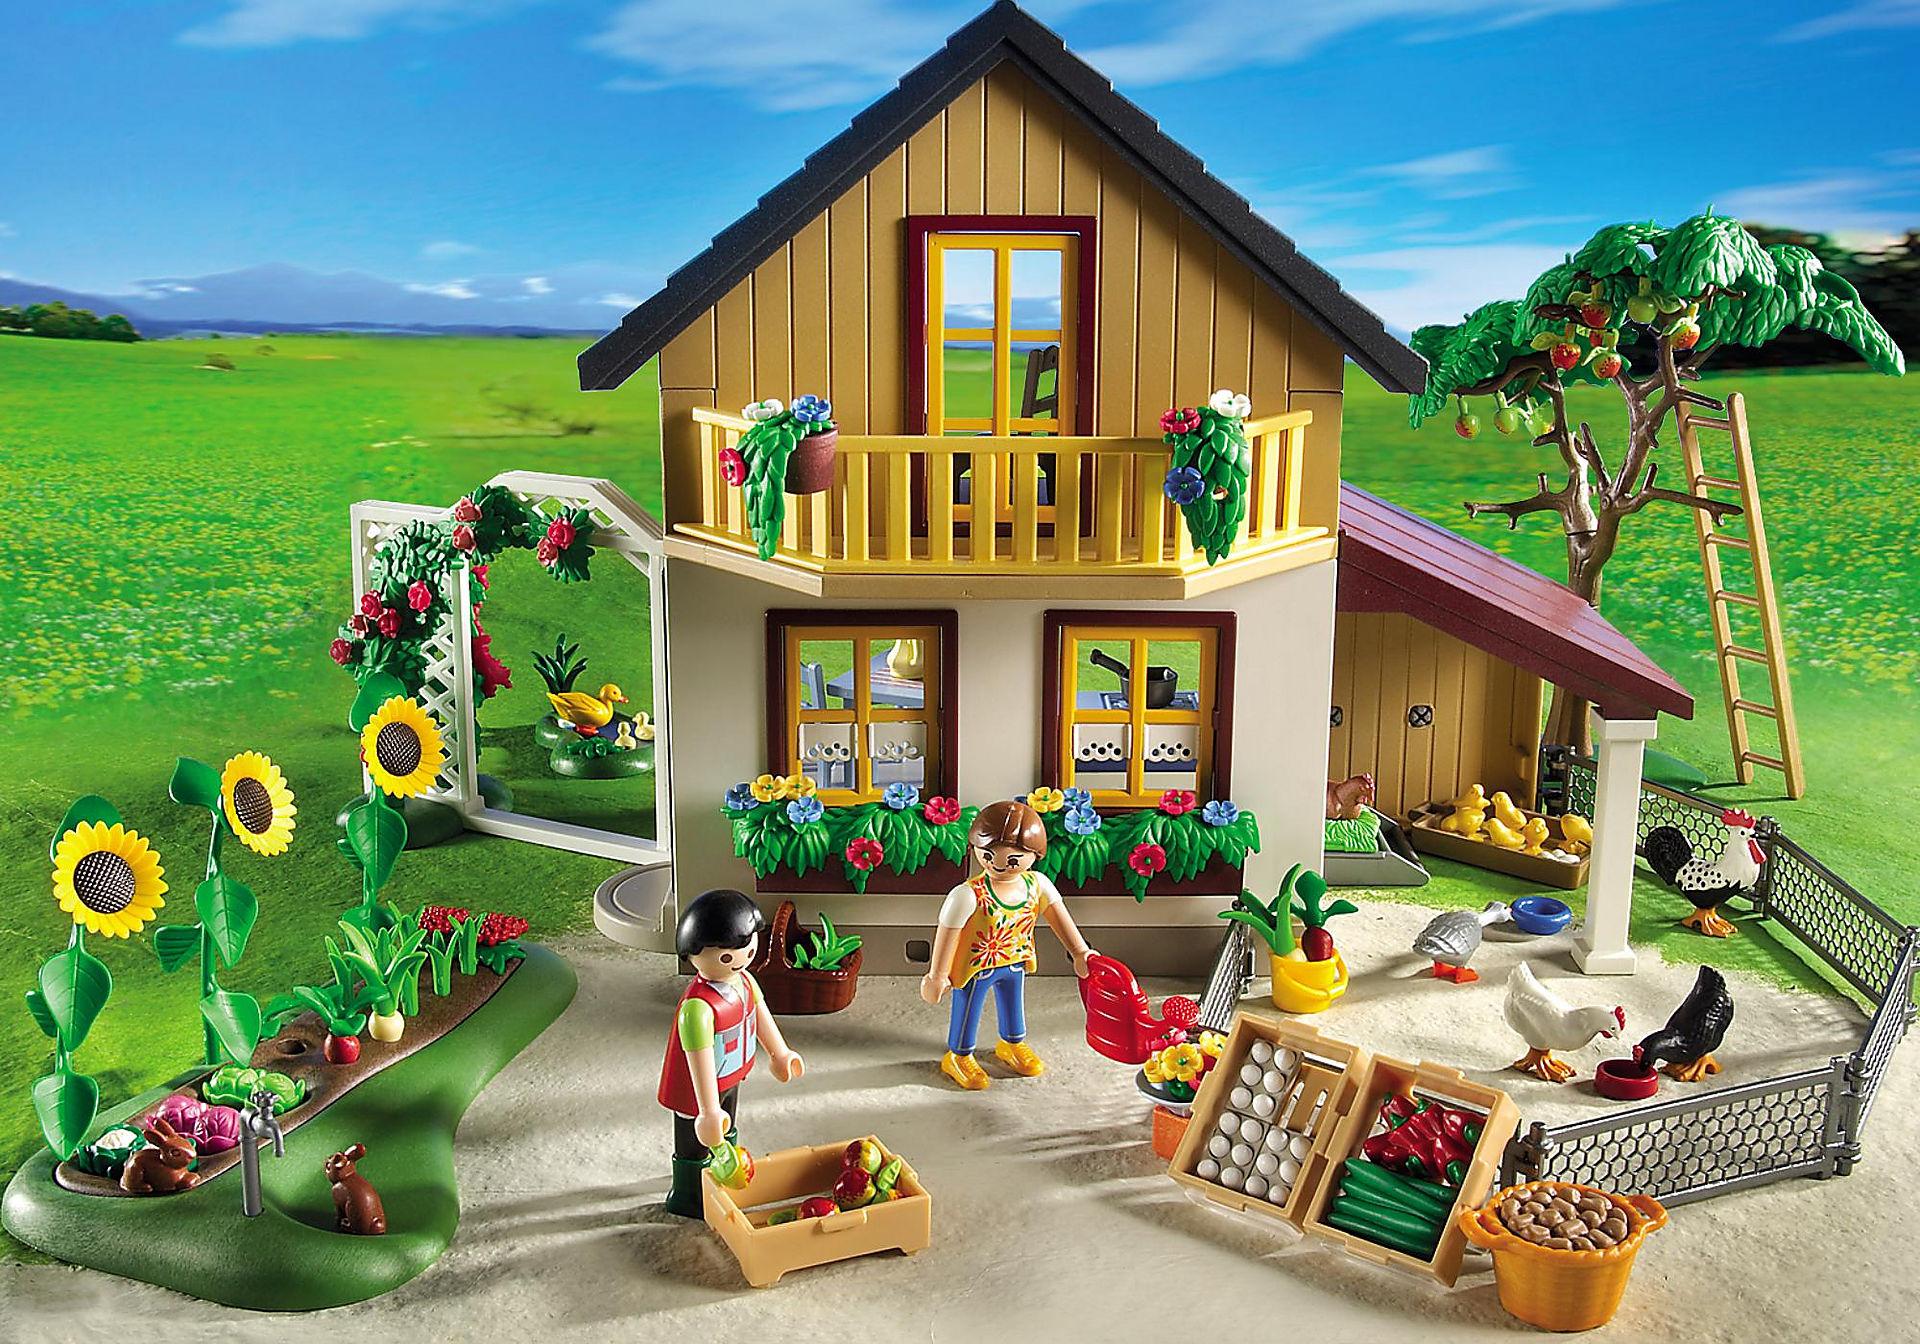 http://media.playmobil.com/i/playmobil/5120_product_extra5/Casa de Campo com Loja